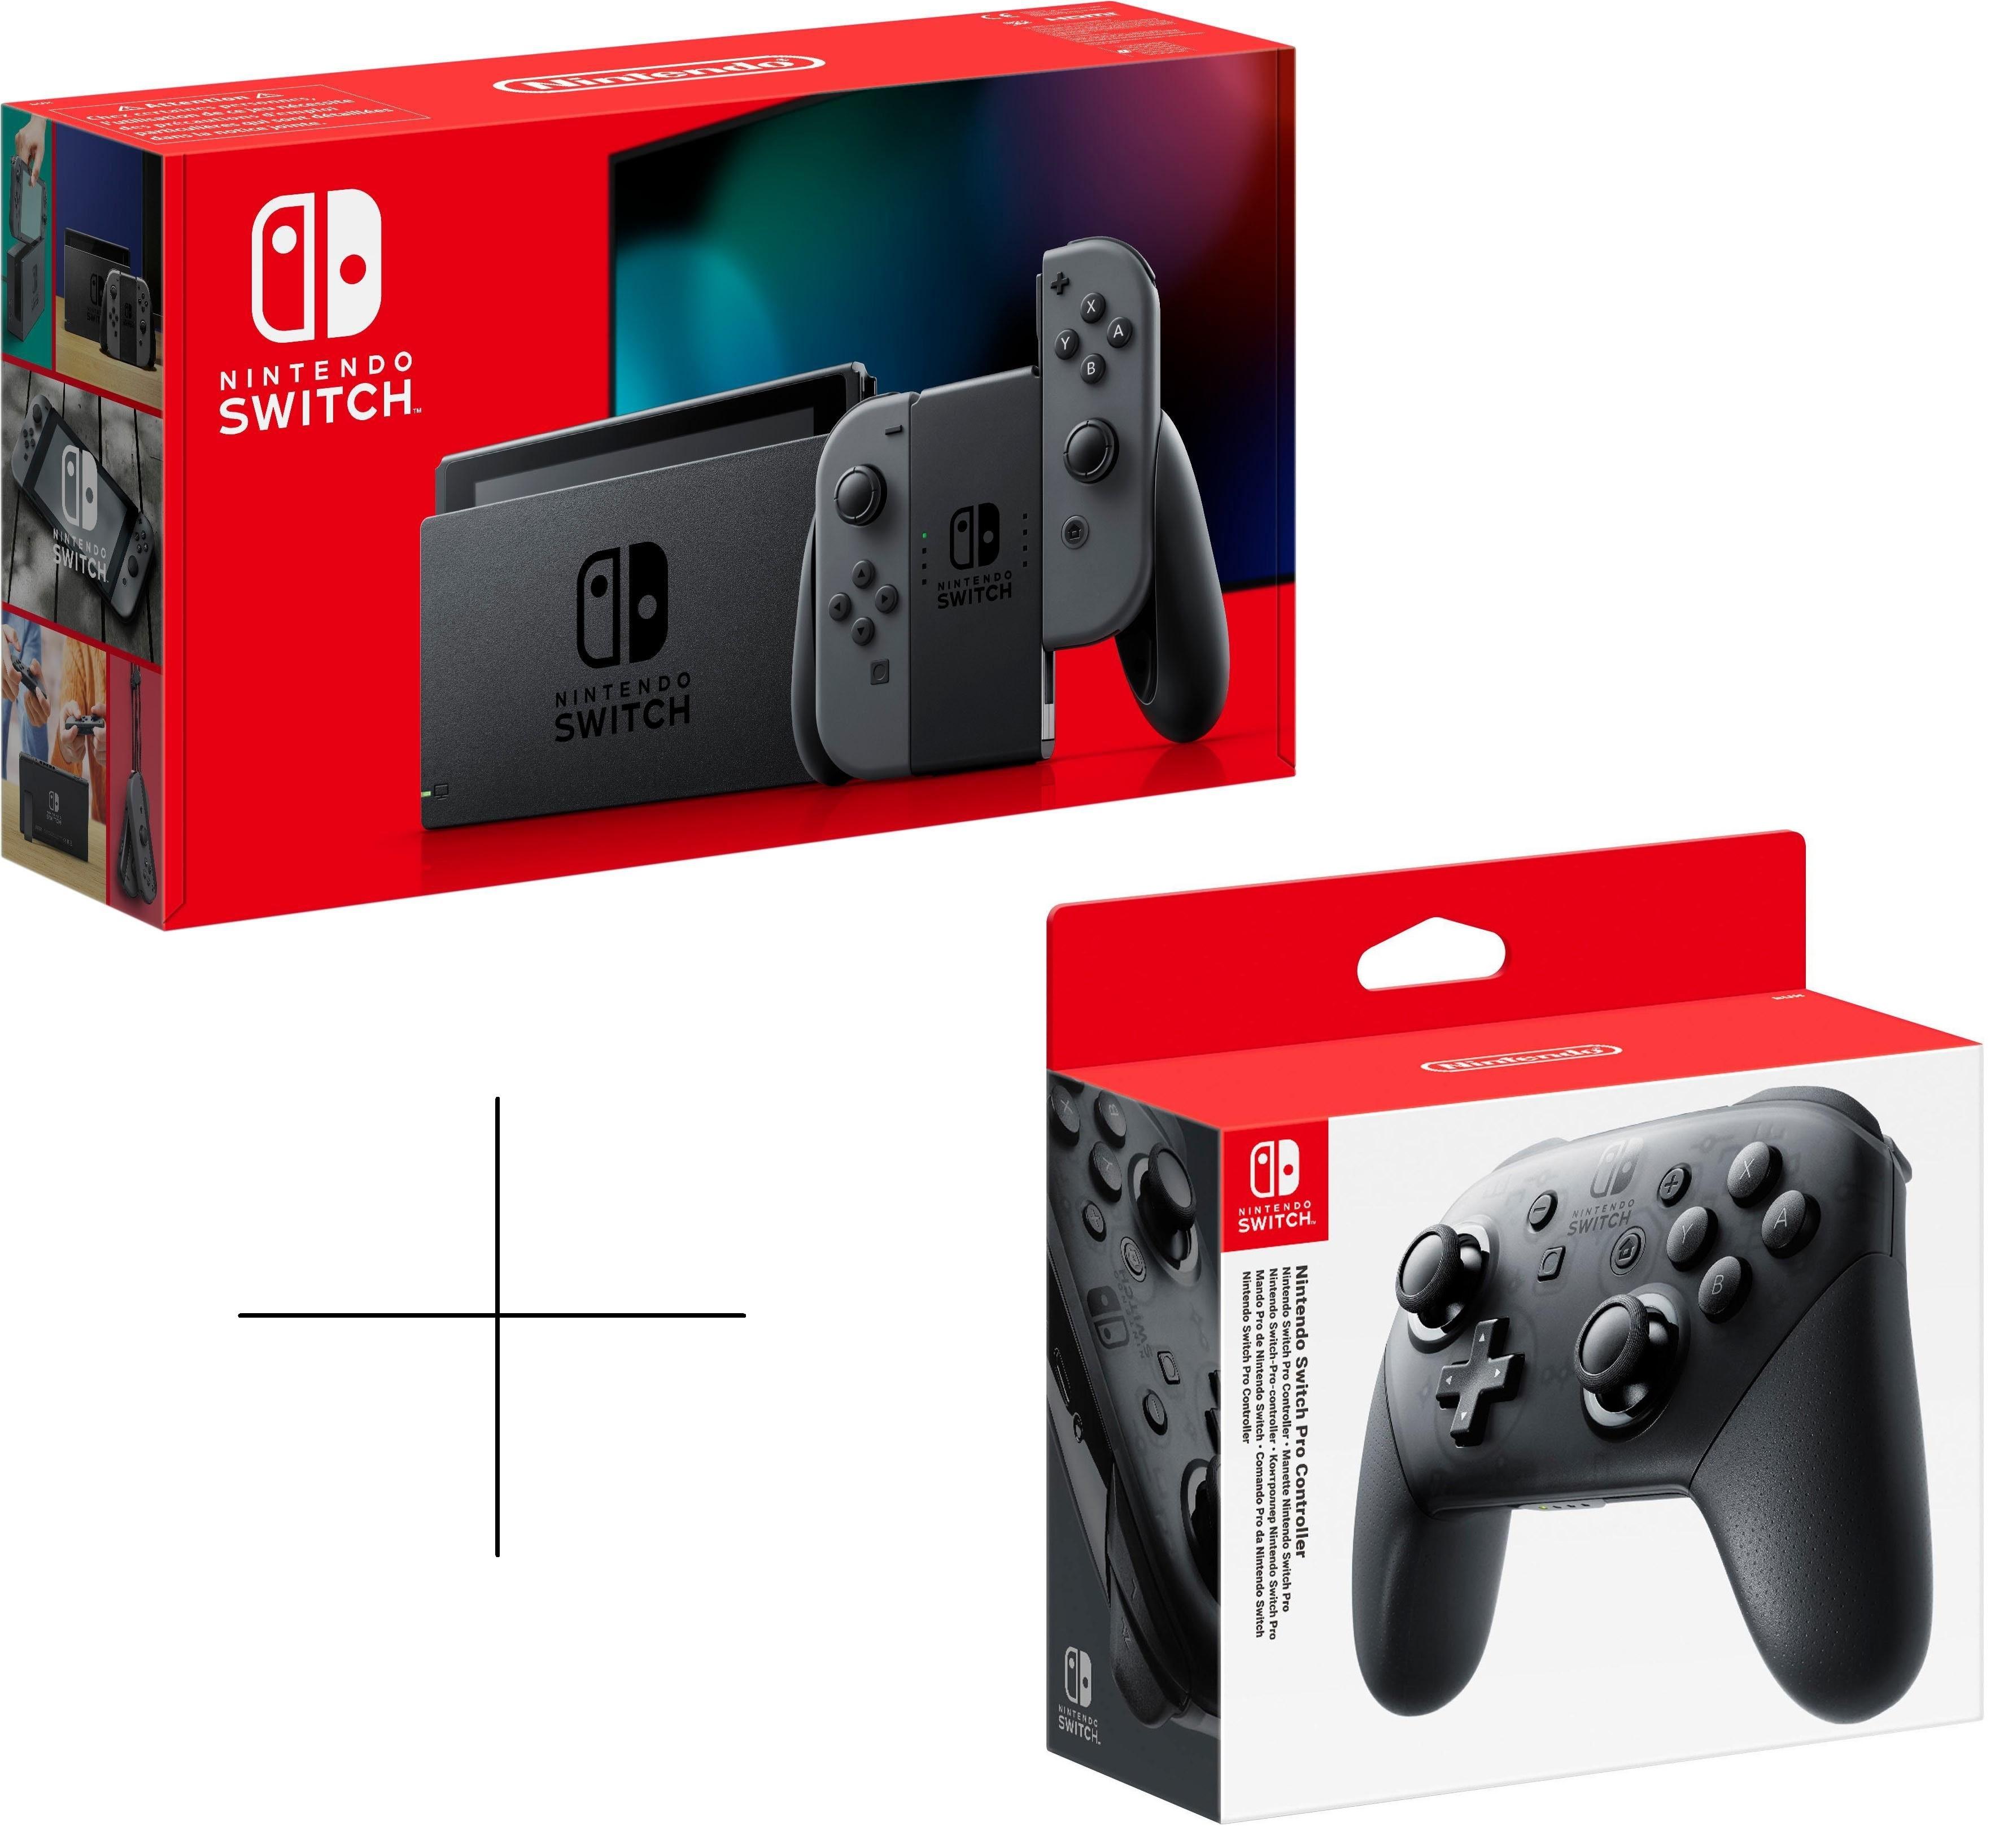 Nintendo Switch (neue Version) grau oder neon-rot/blau + Nintendo Switch Pro Controller für 309€ + 15fach Payback Punkte (Media Markt)